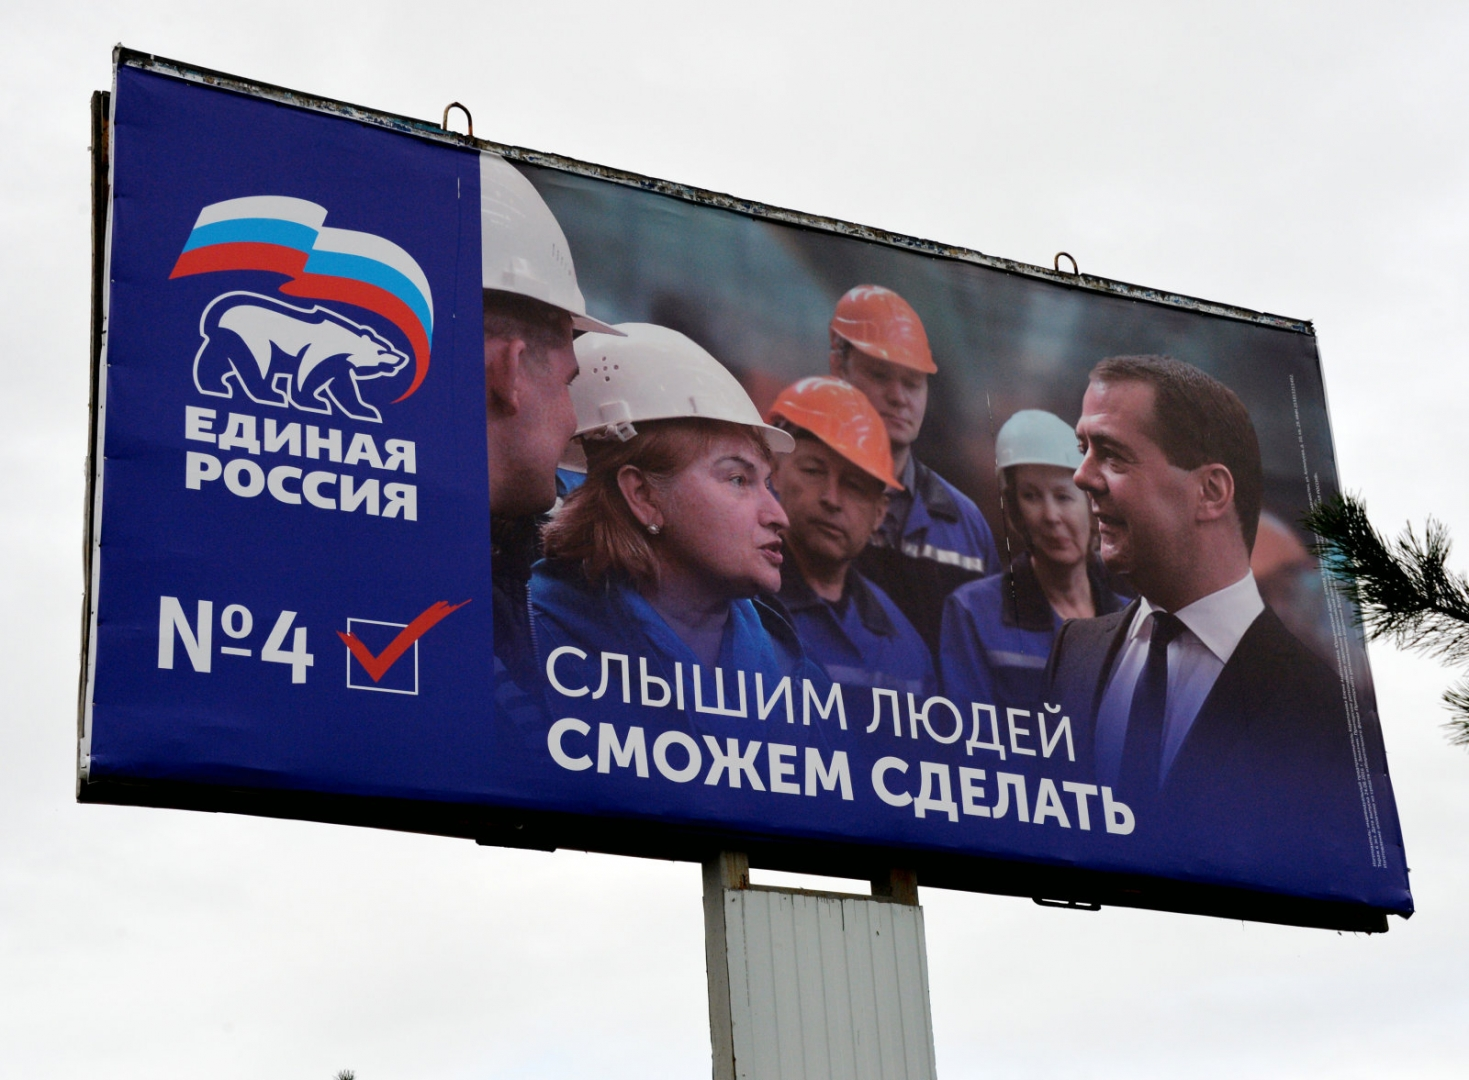 20180926_19-28-Депутат «Единой России» на фоне пенсионной реформы. Эх, тяжелая это работа-pic6